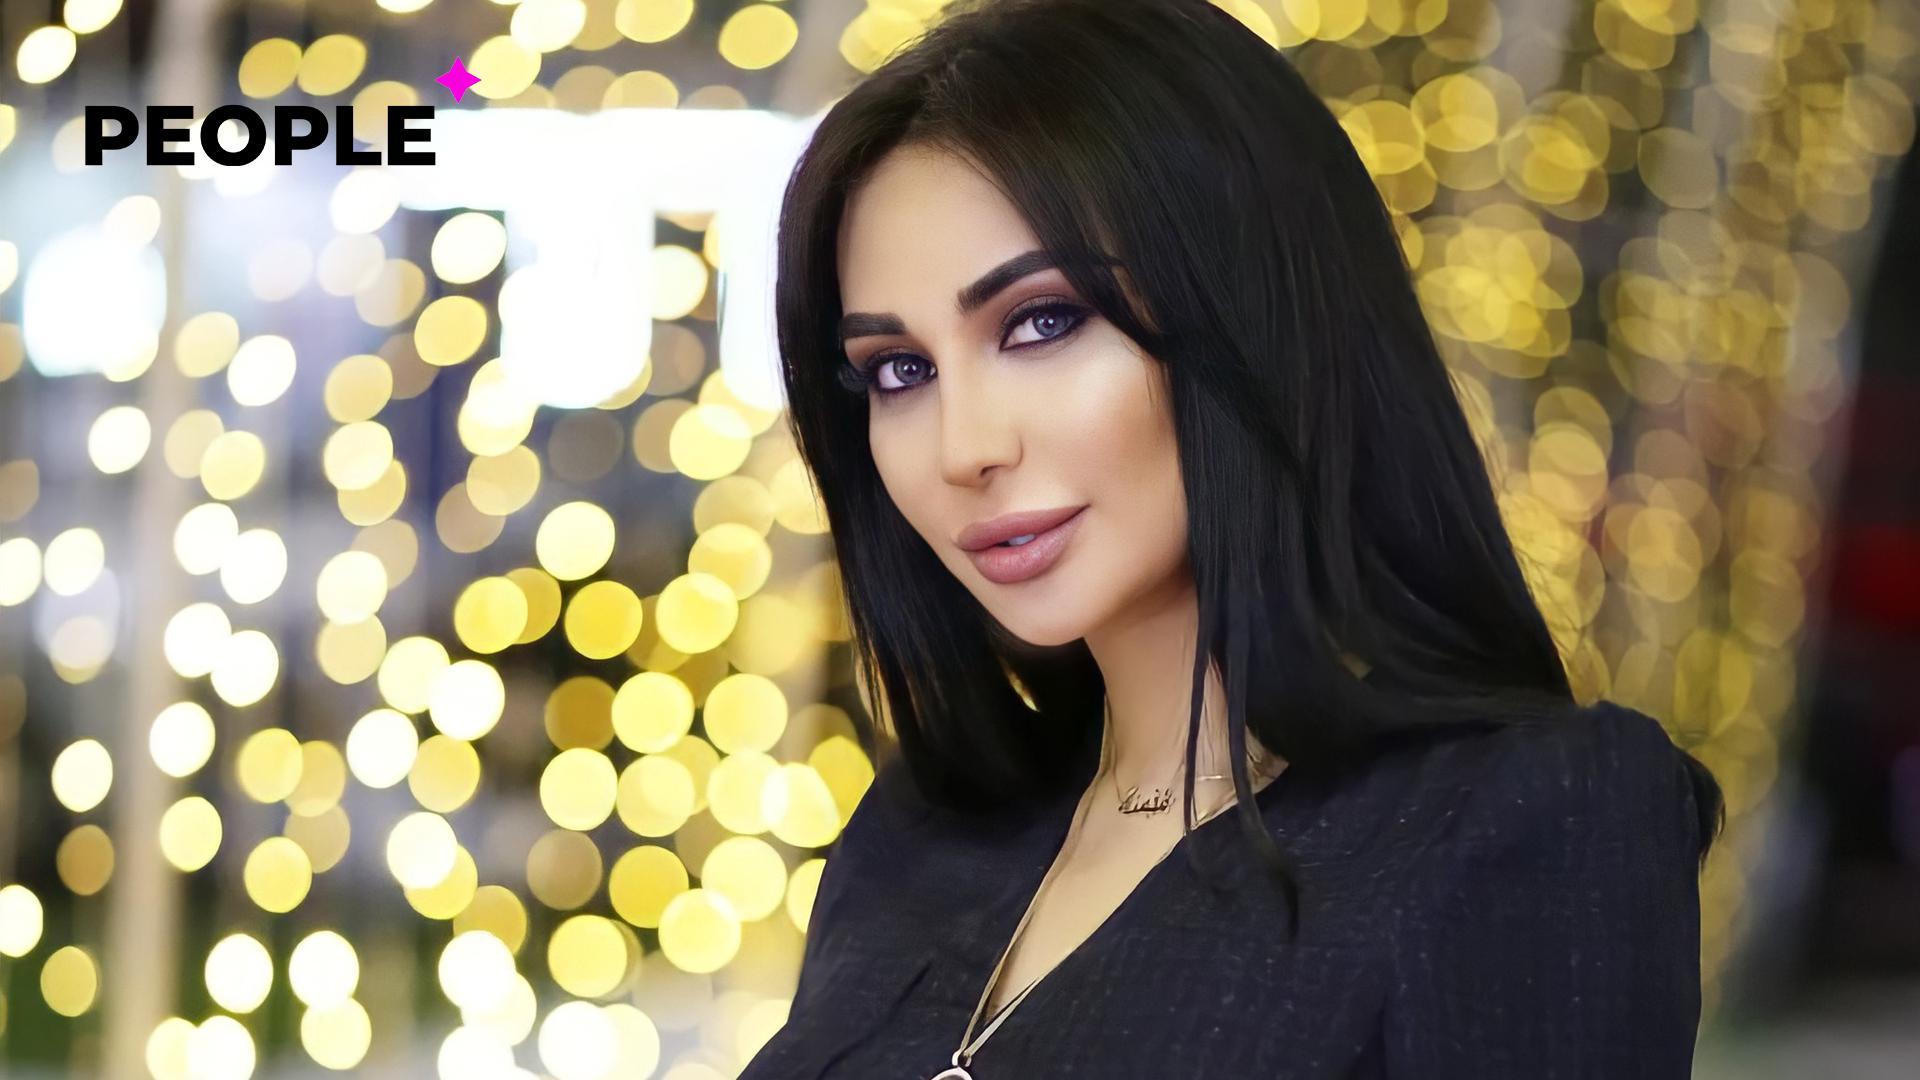 «Пусть будет лучше разведённым»: Муниса Ризаева рассказала о мужчине своей мечты — видео